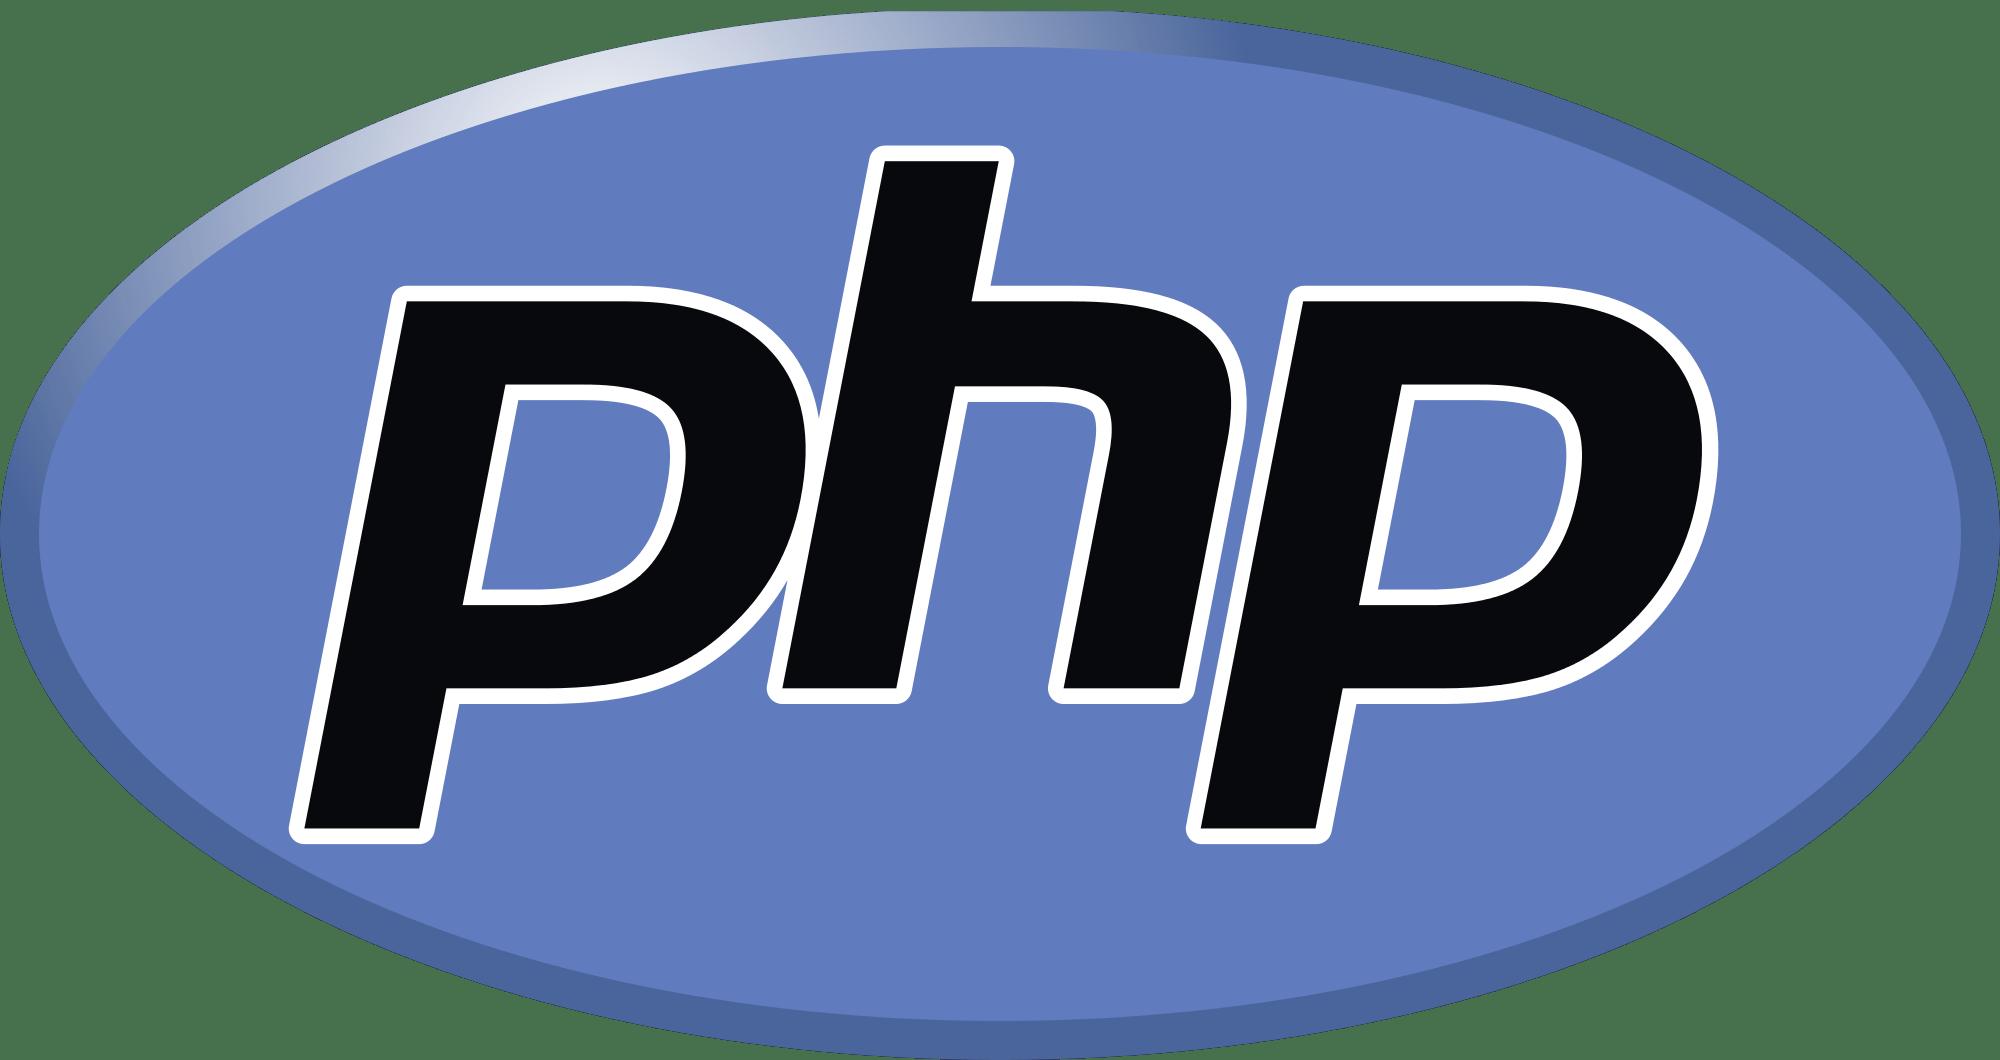 Обновление PHP 5.3 до PHP 5.4 Centos 6.9